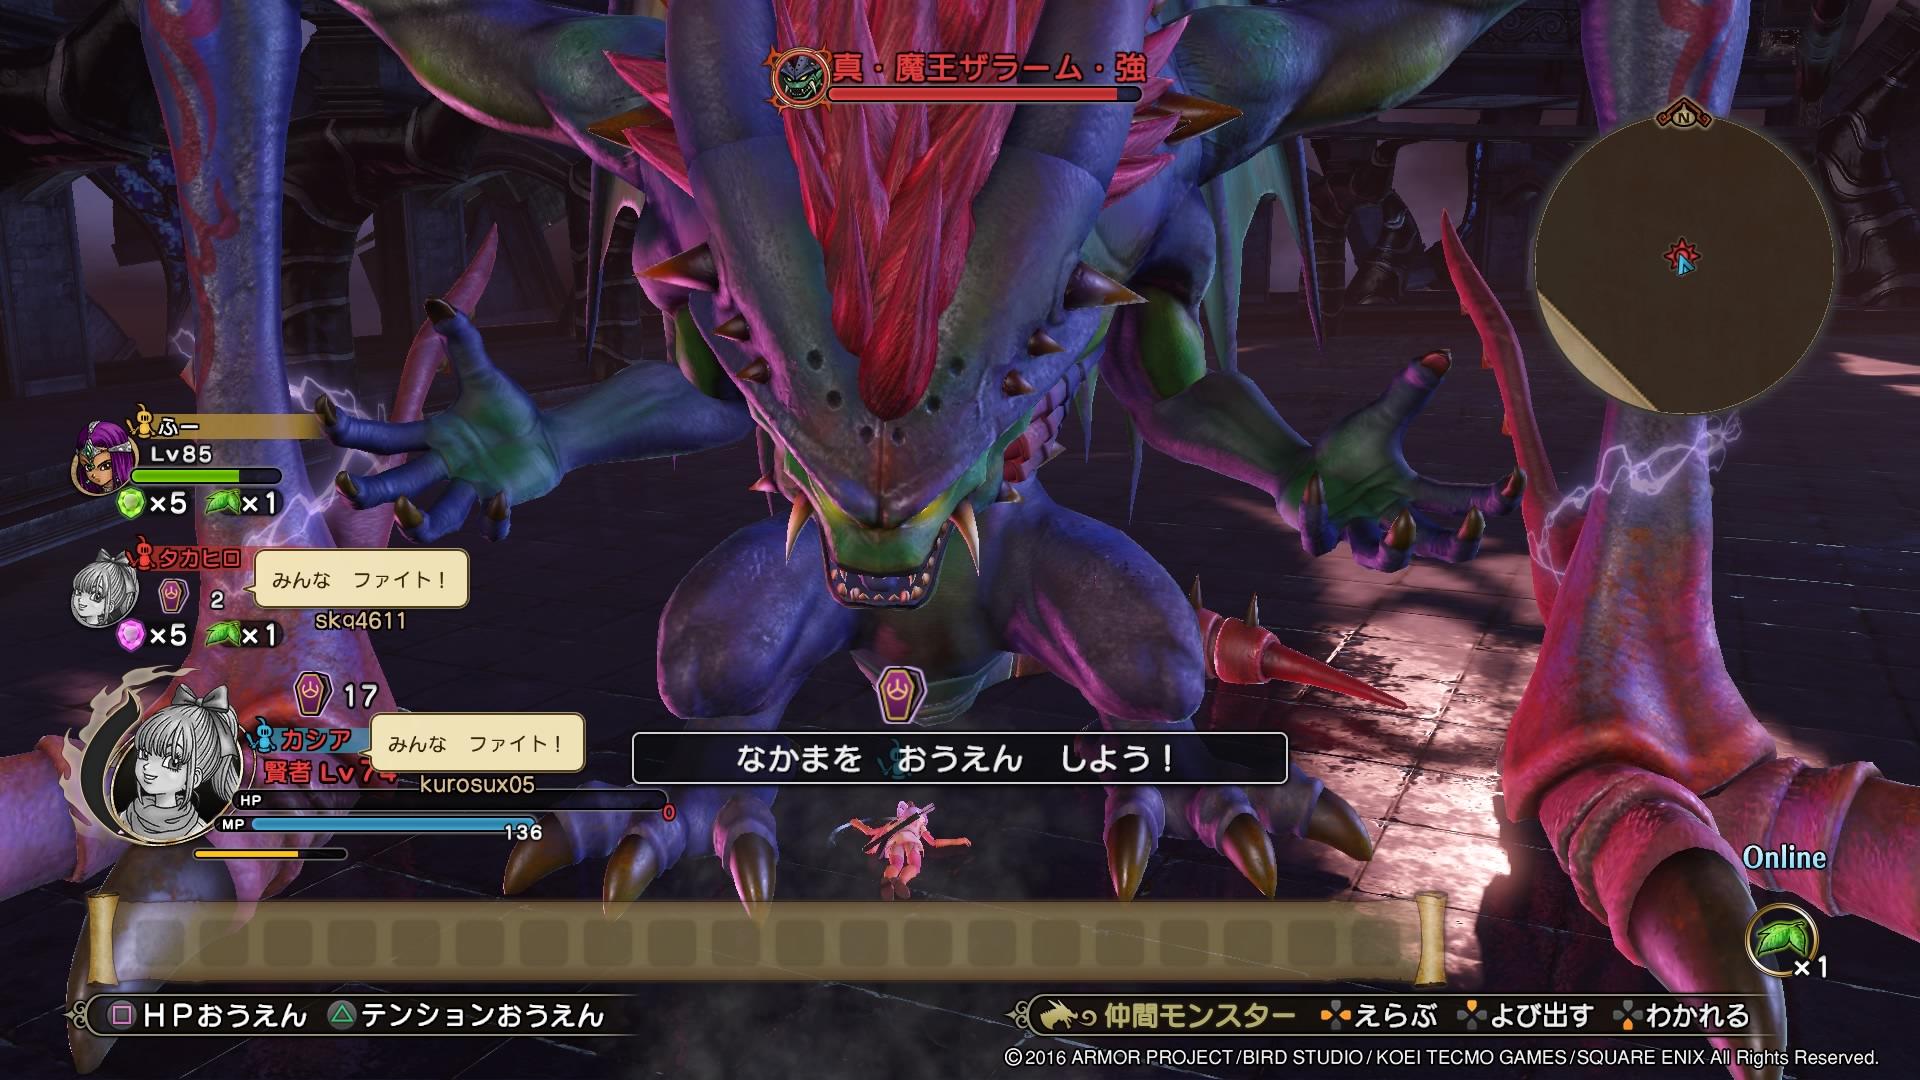 ドラゴンクエストヒーローズⅡ 双子の王と予言の終わり_20160616035032